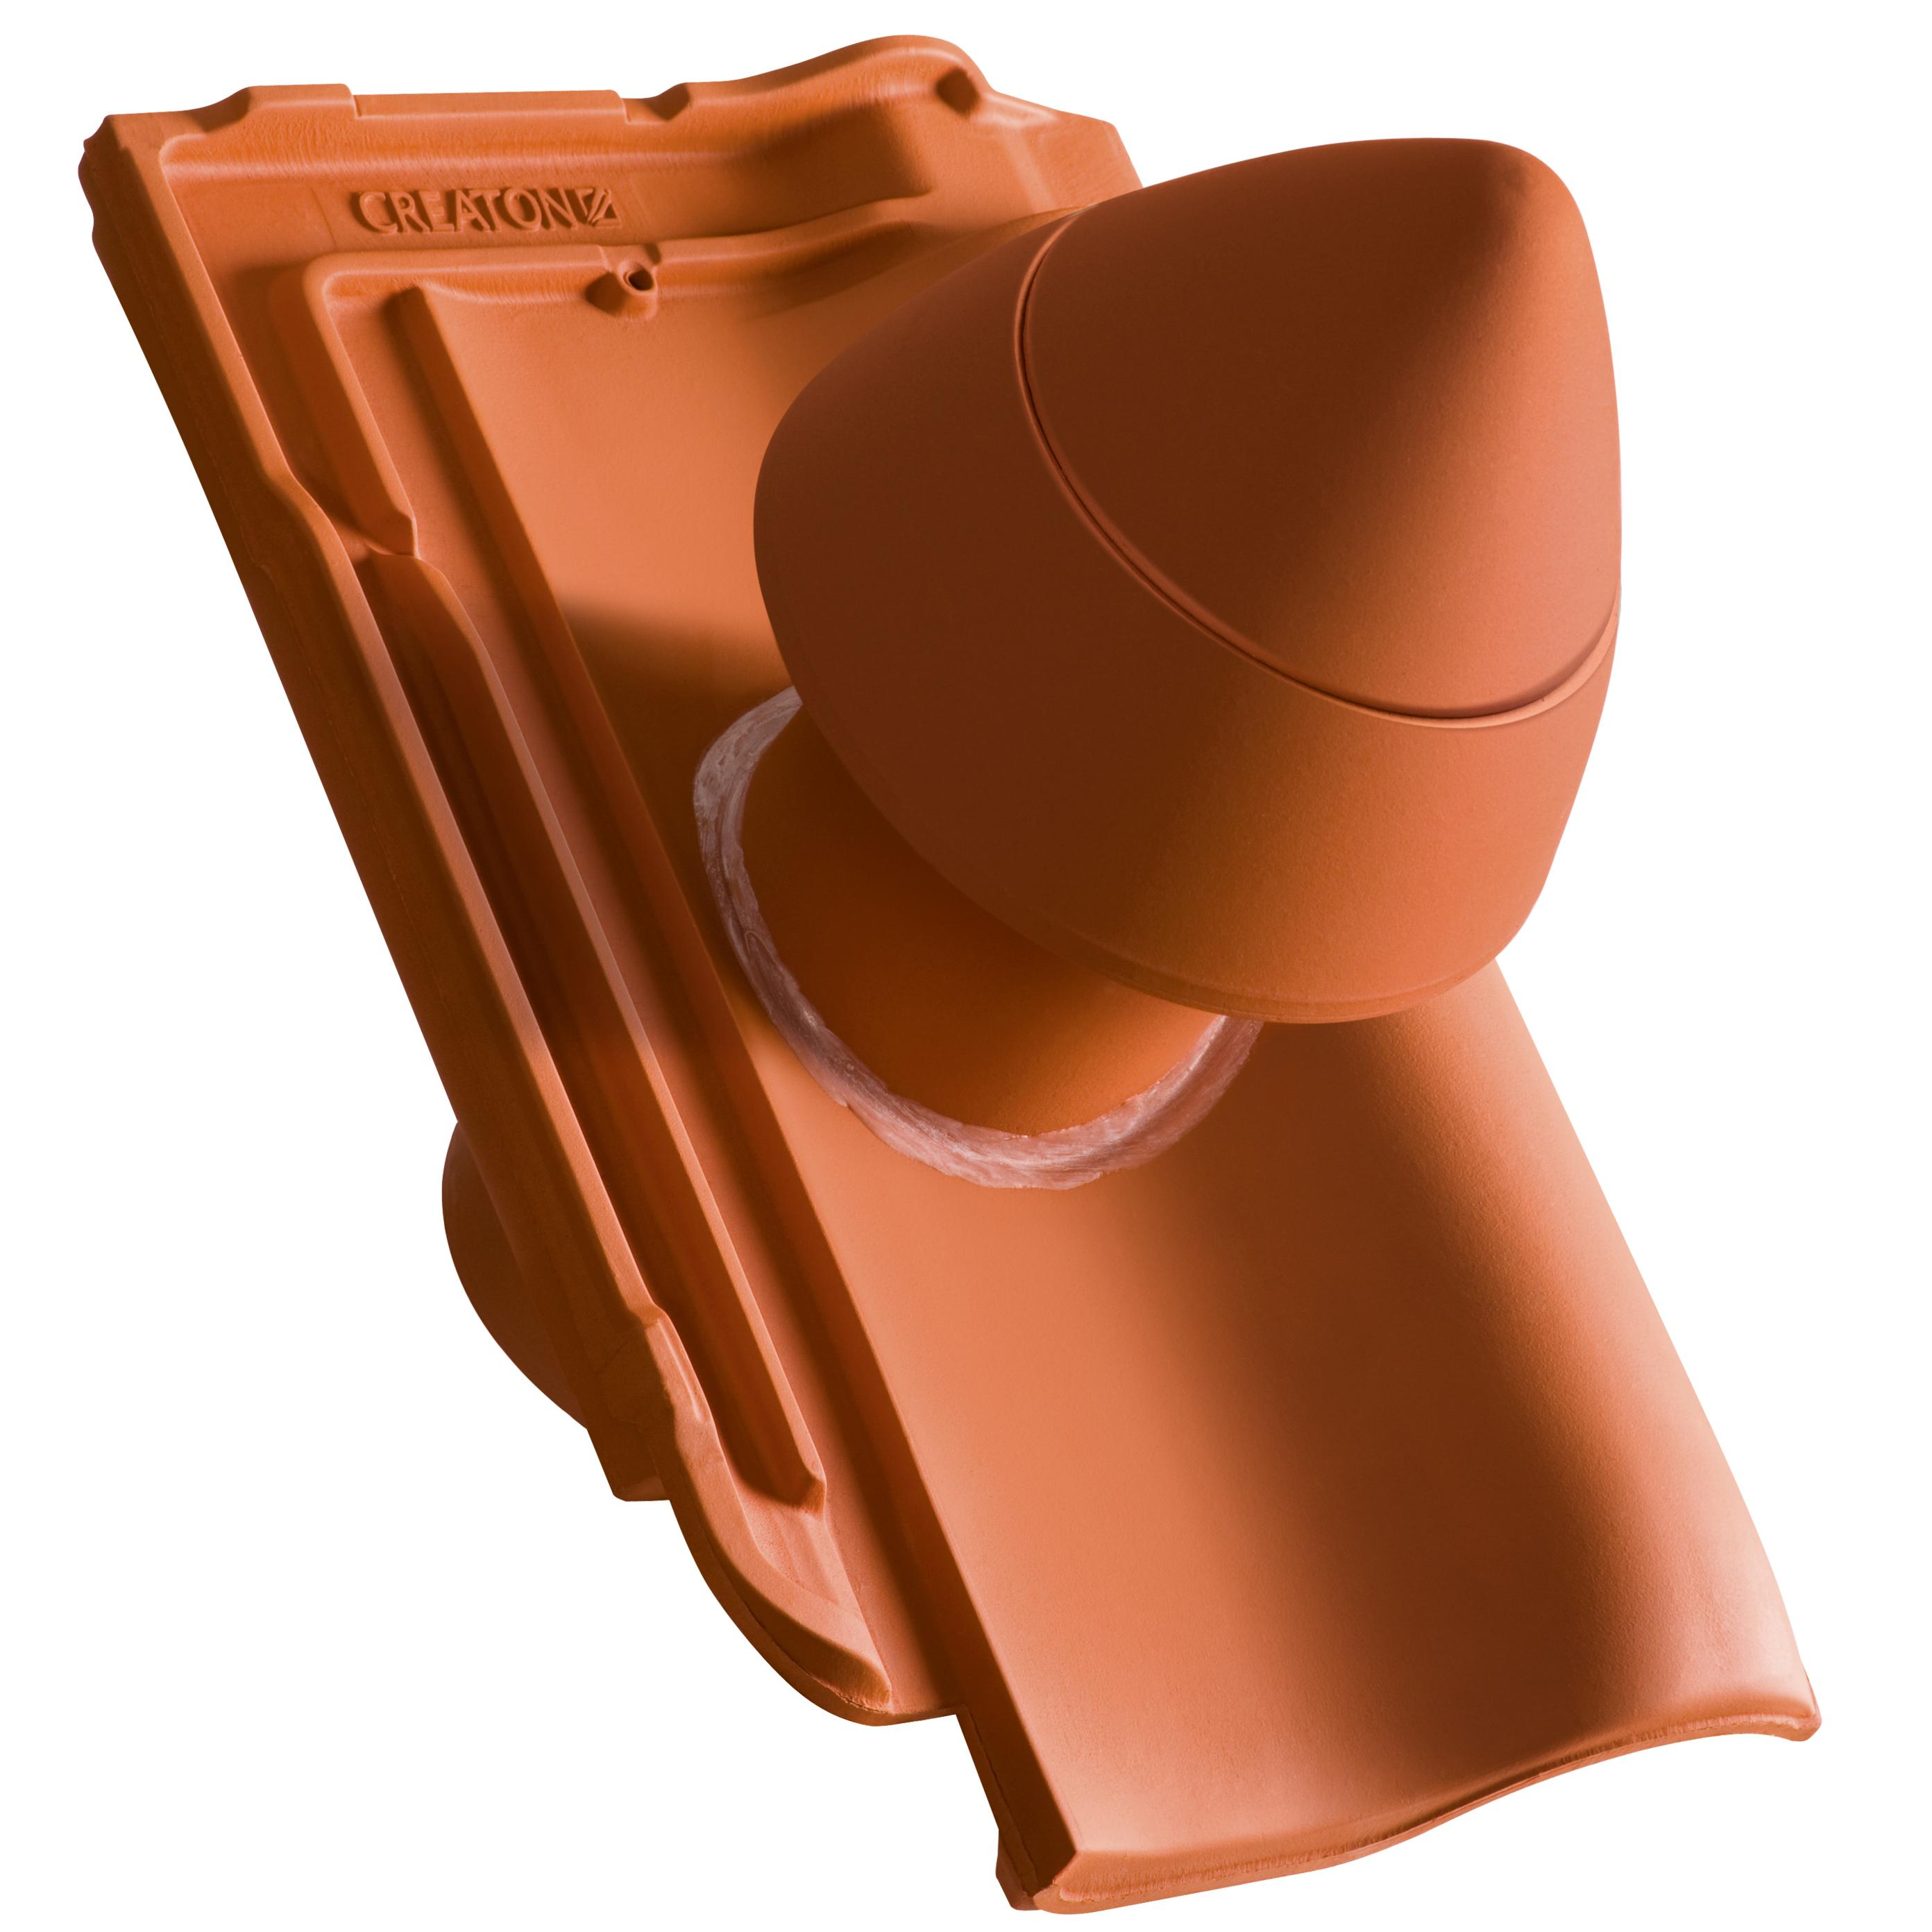 SIGNUM Ceramiczny kominek odpowietrzający instalację sanitarną SIGNUM Ø 100 mm z giętkim przewodem przyłączeniowym